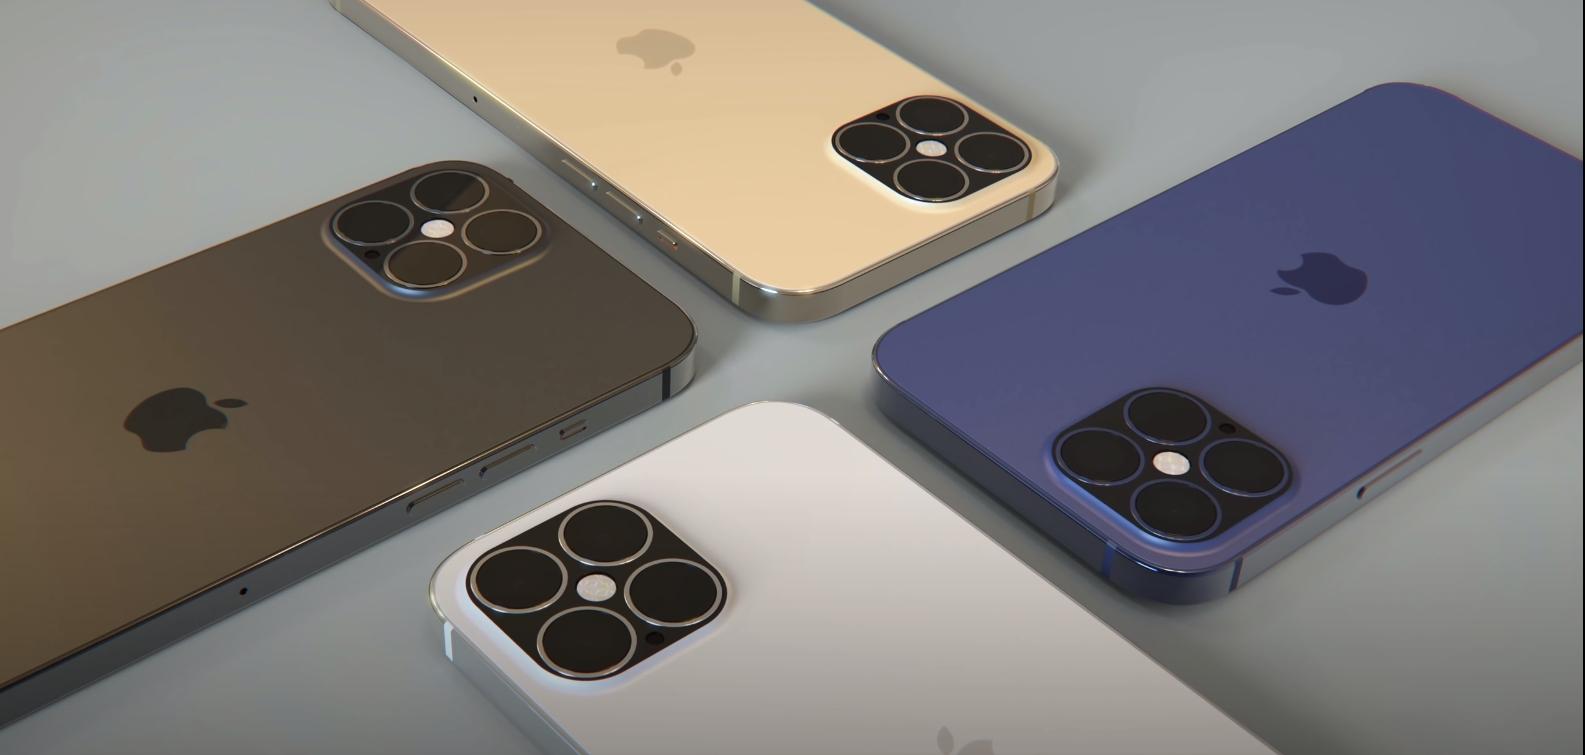 Nové detaily o iPhonu 12 Pro – má nabídnout 120Hz displej, lepší FaceID a 3x zoom